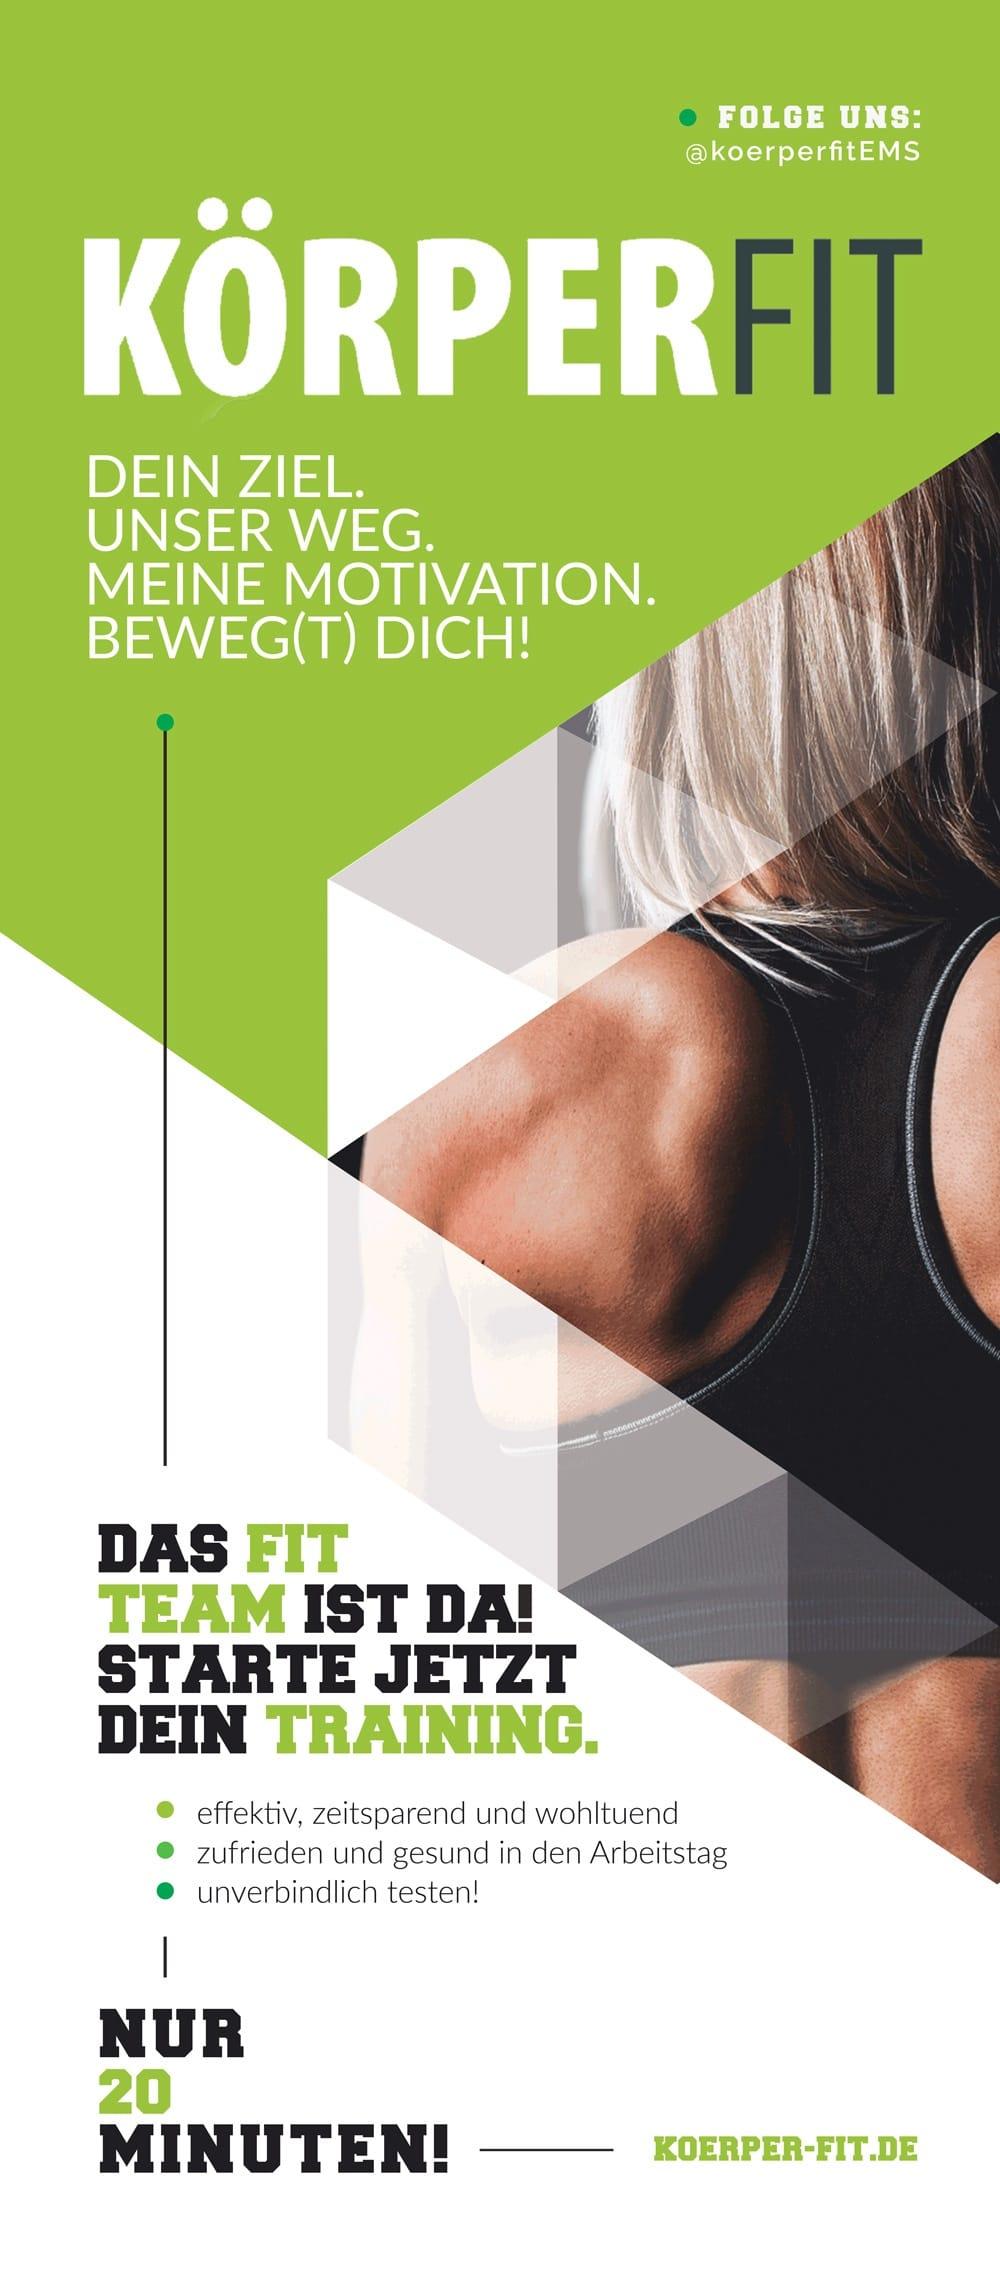 grafikdesign-roll-up-koerperfit-ems-nuertingen-liebespixel-kirchheim-print-grafik-druck